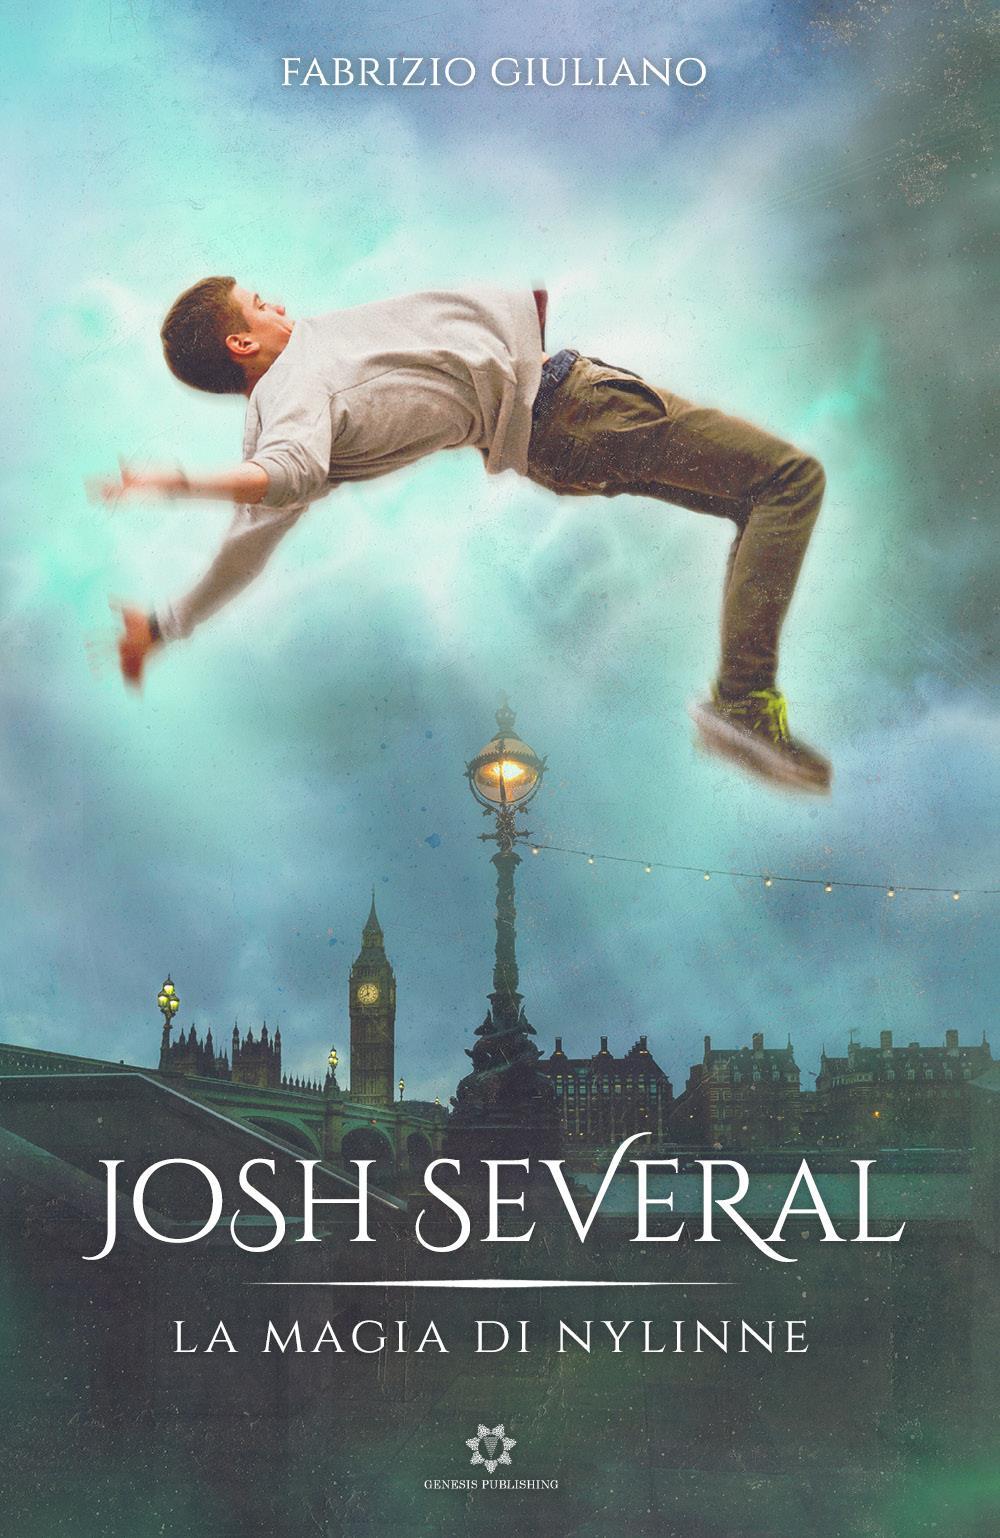 Josh Several. La magia di Nylinne